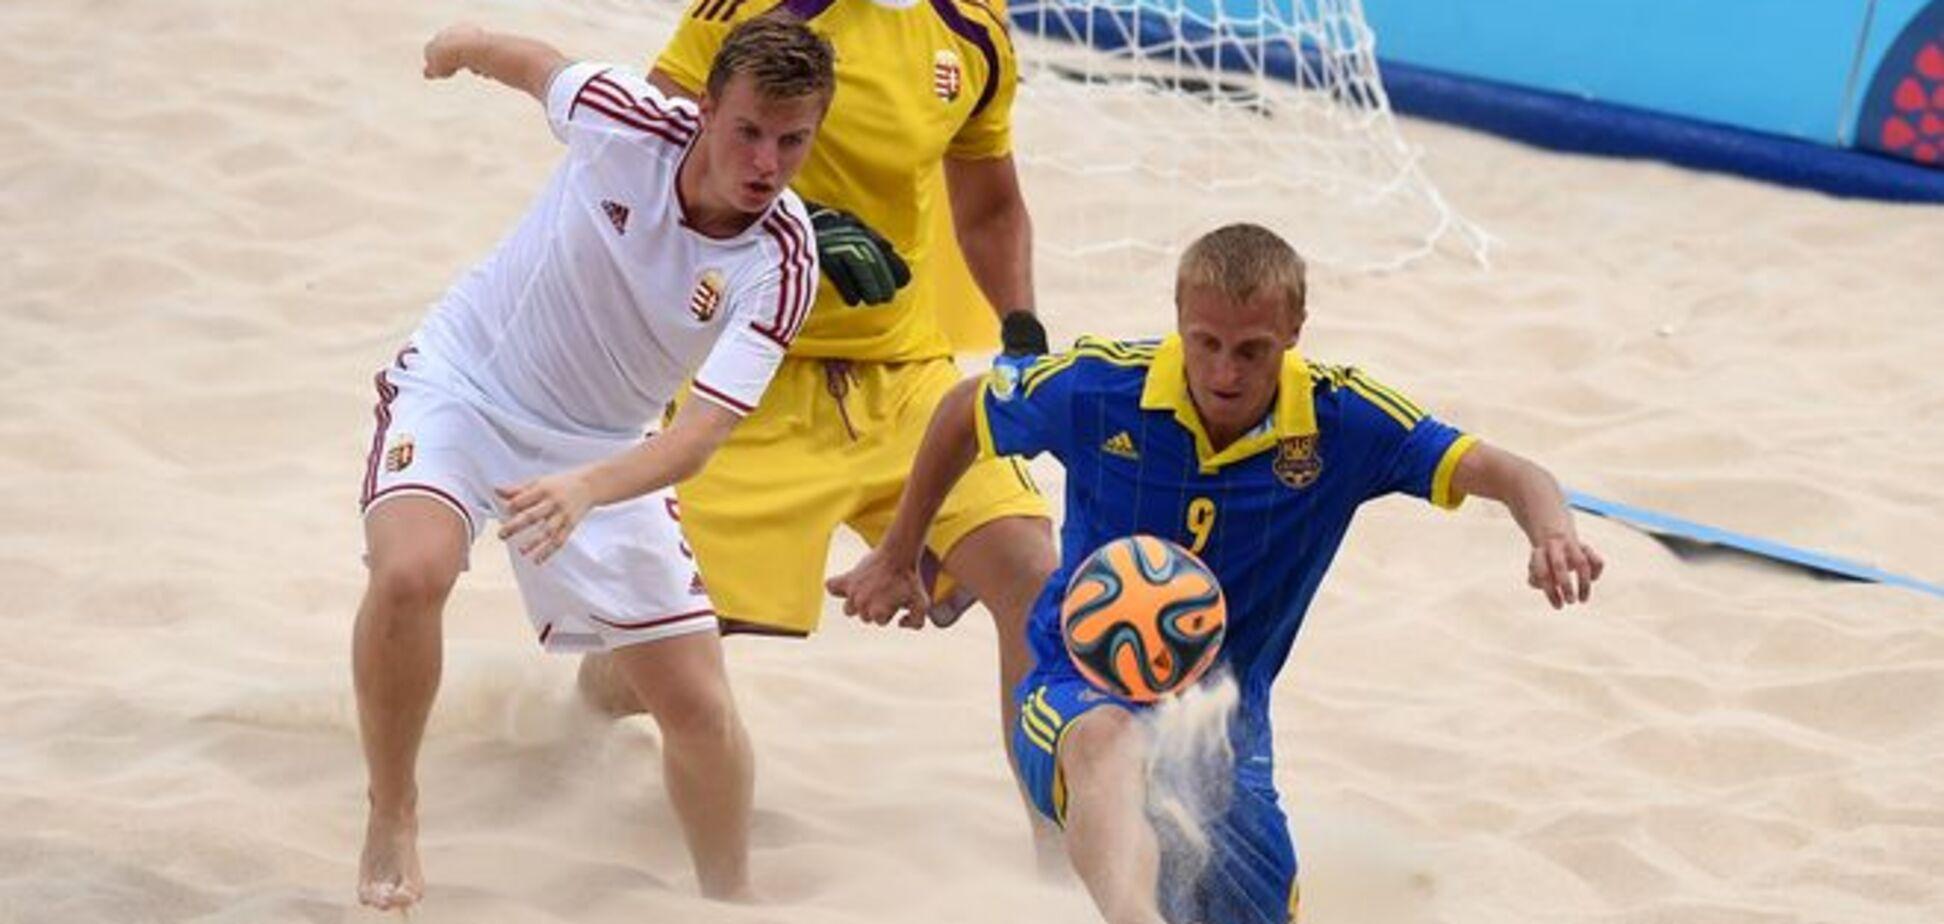 Украина - Испания - 3:6. Итоговое шестое место на Европейских играх